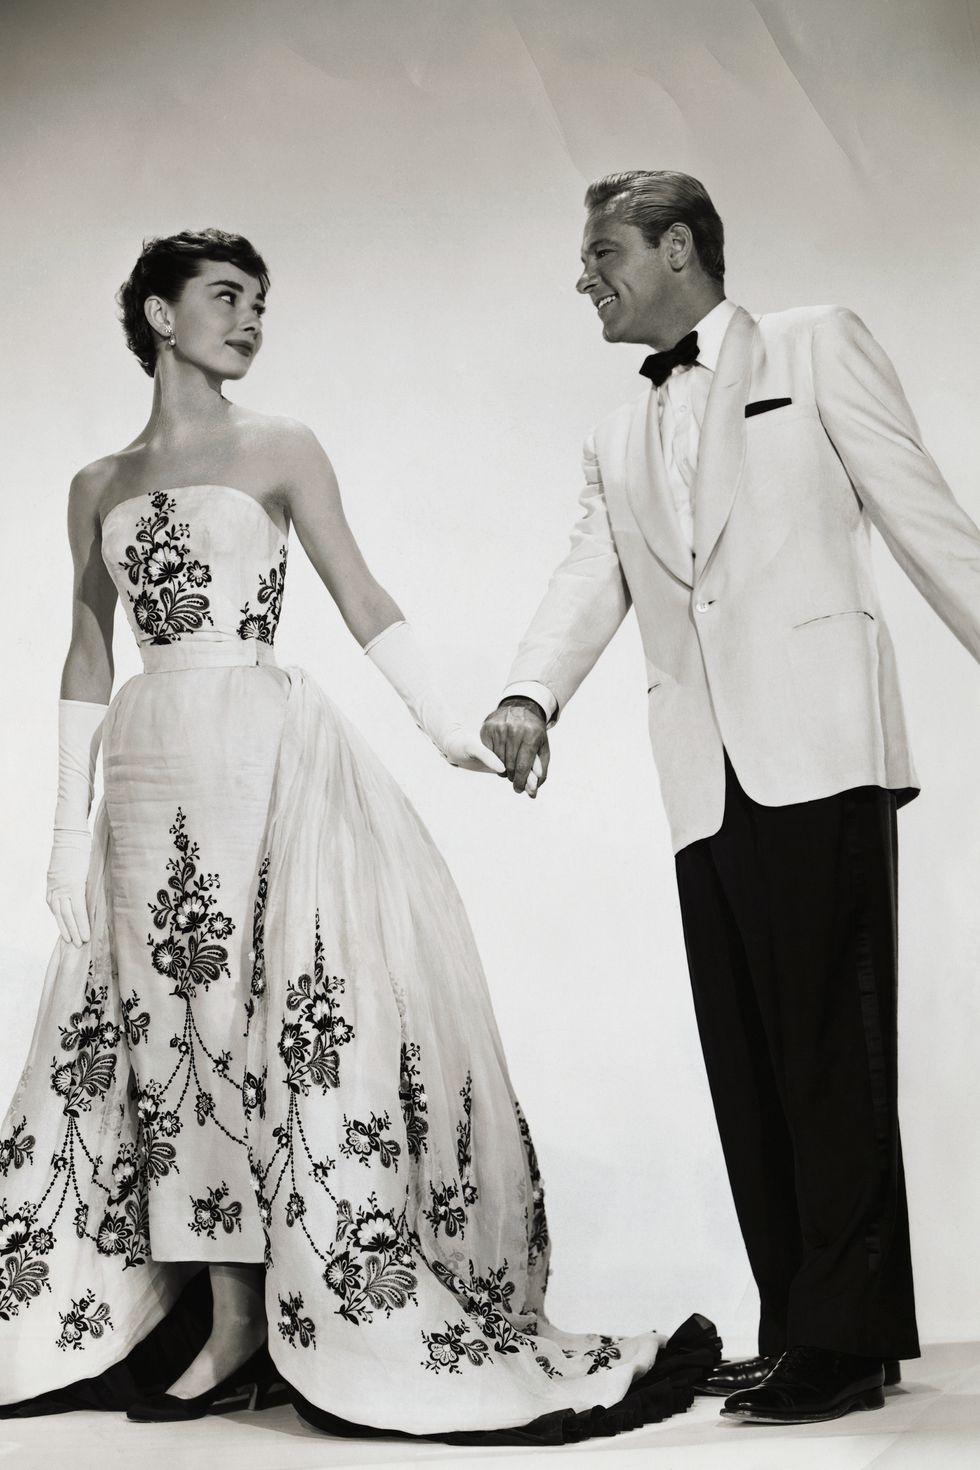 عام 1954 ترتردي هيبورن فستان جمع اللونين الابيض و الاسود من تصميم جيفنشي بفيلم Sabrina